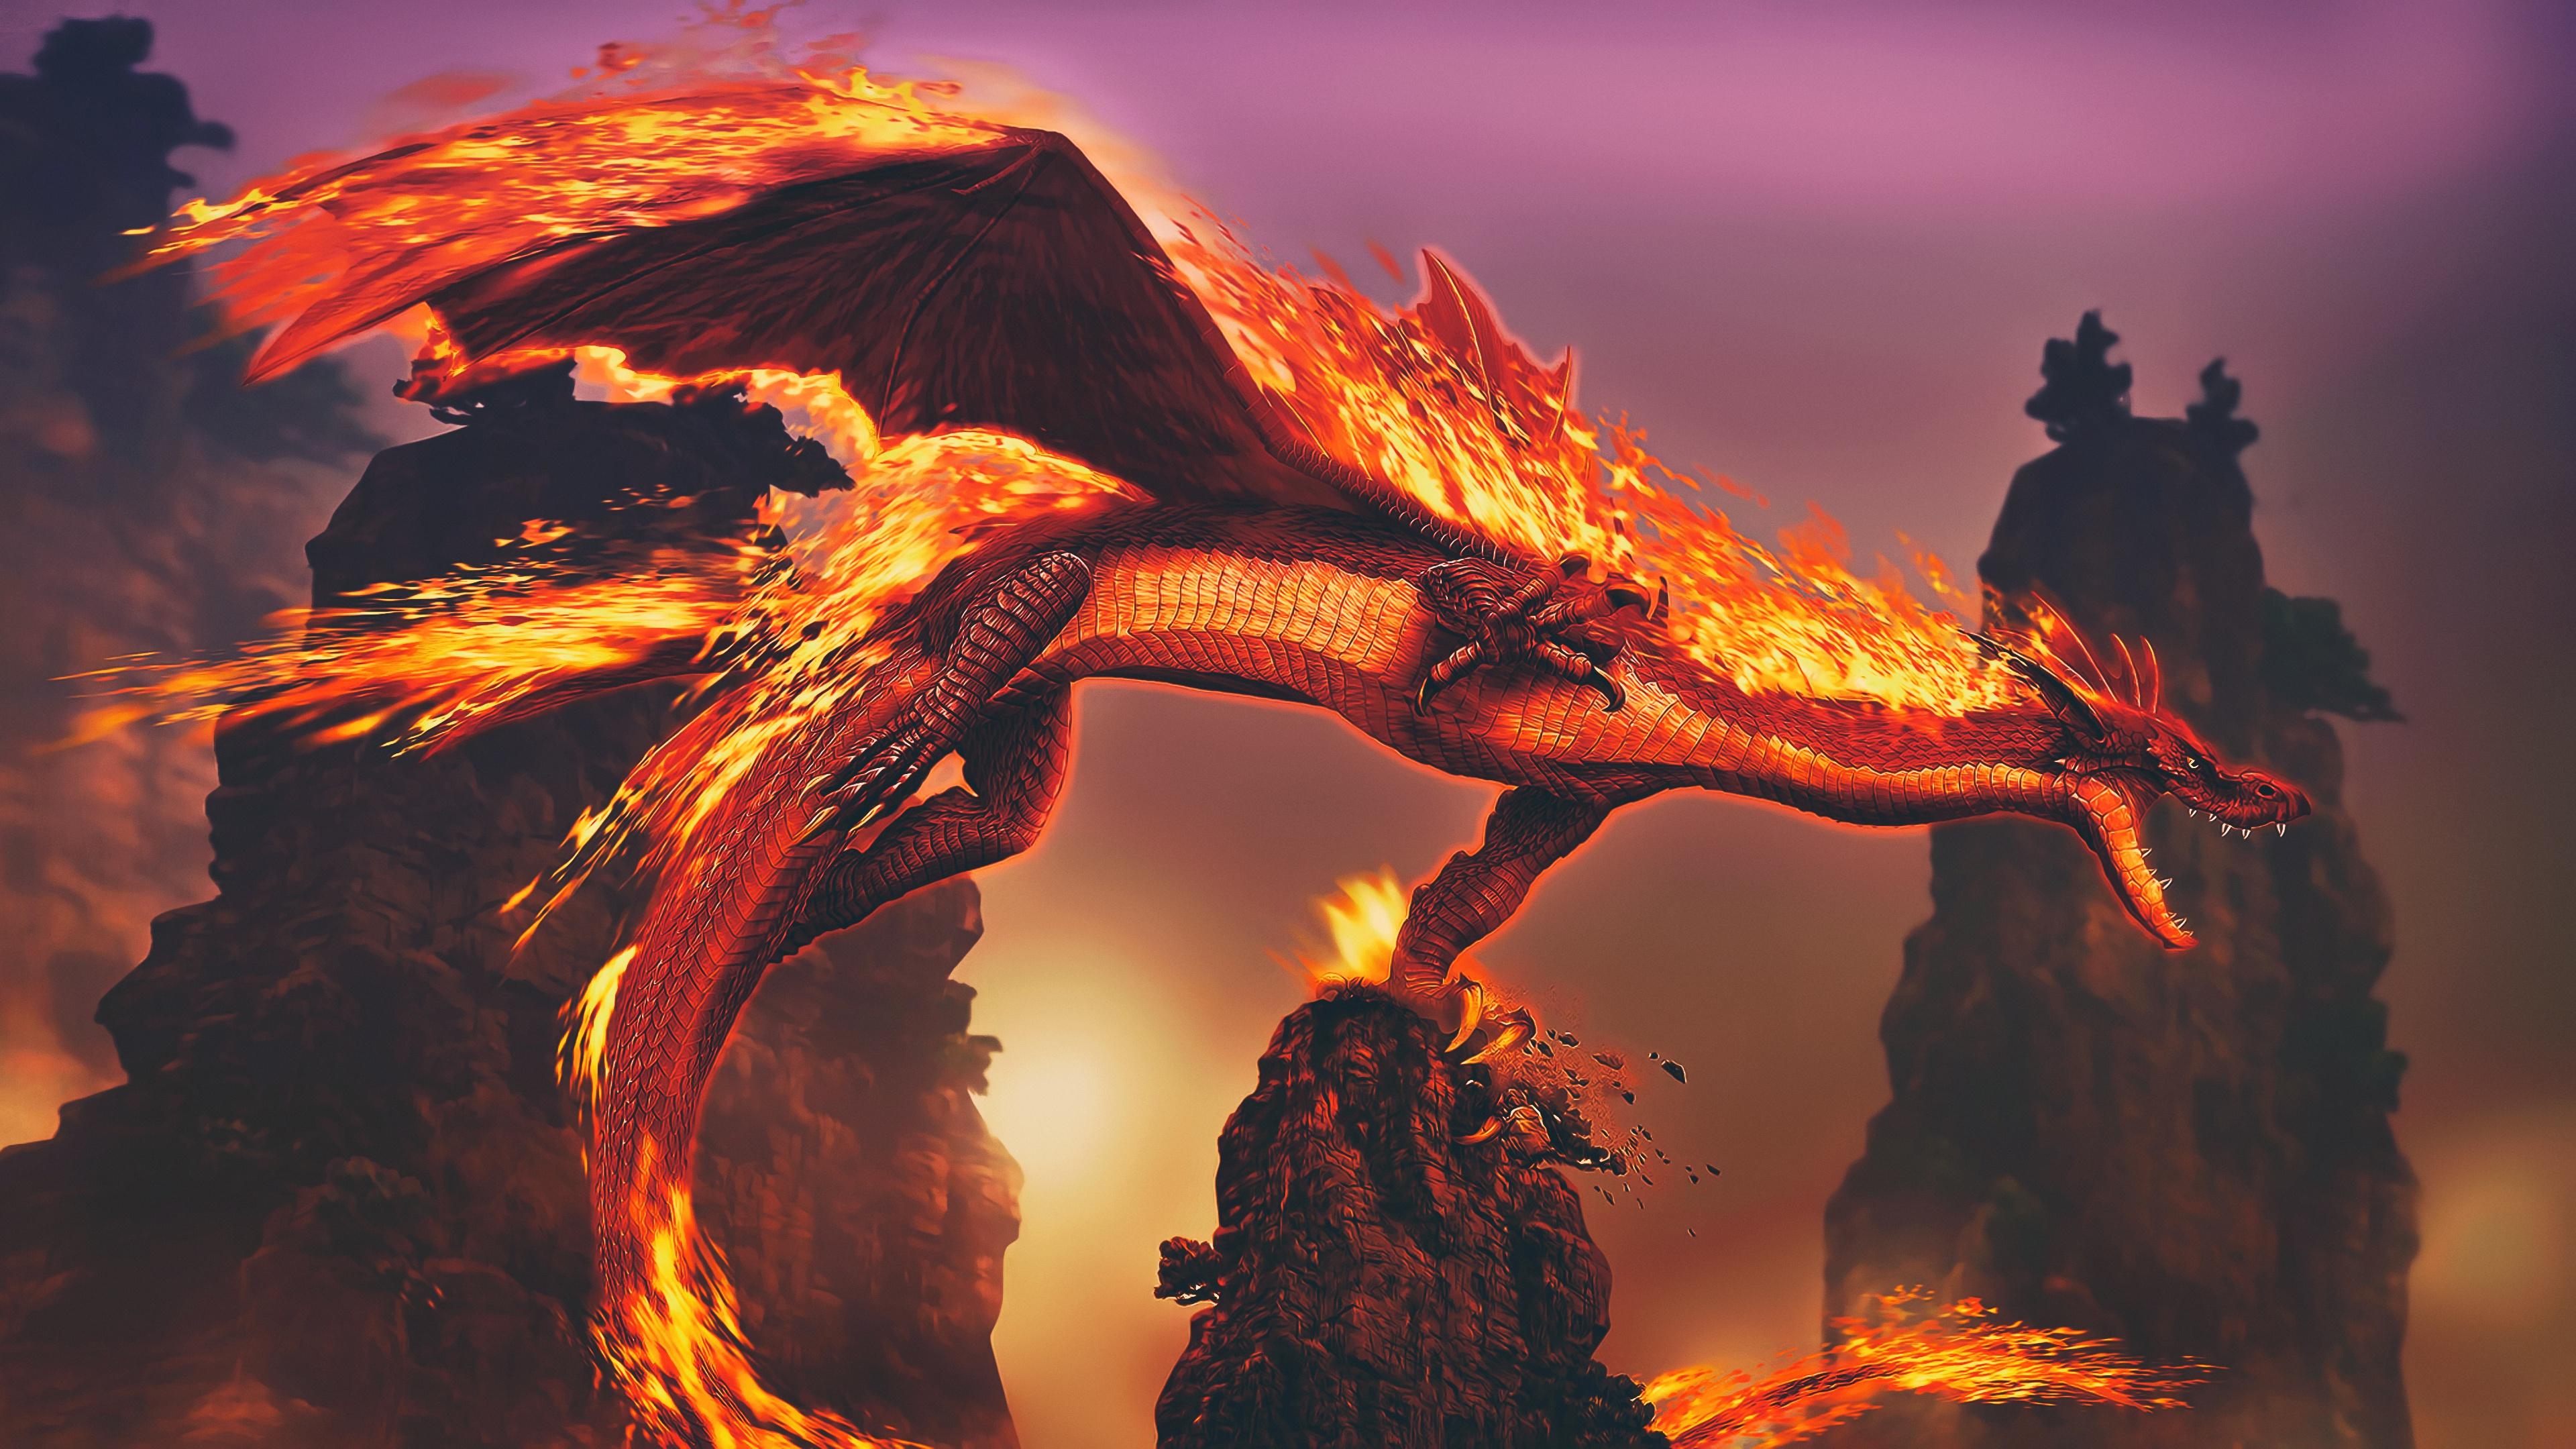 fire dragon 1563222043 - Fire Dragon - hd-wallpapers, dragon wallpapers, digital art wallpapers, artwork wallpapers, artist wallpapers, 4k-wallpapers